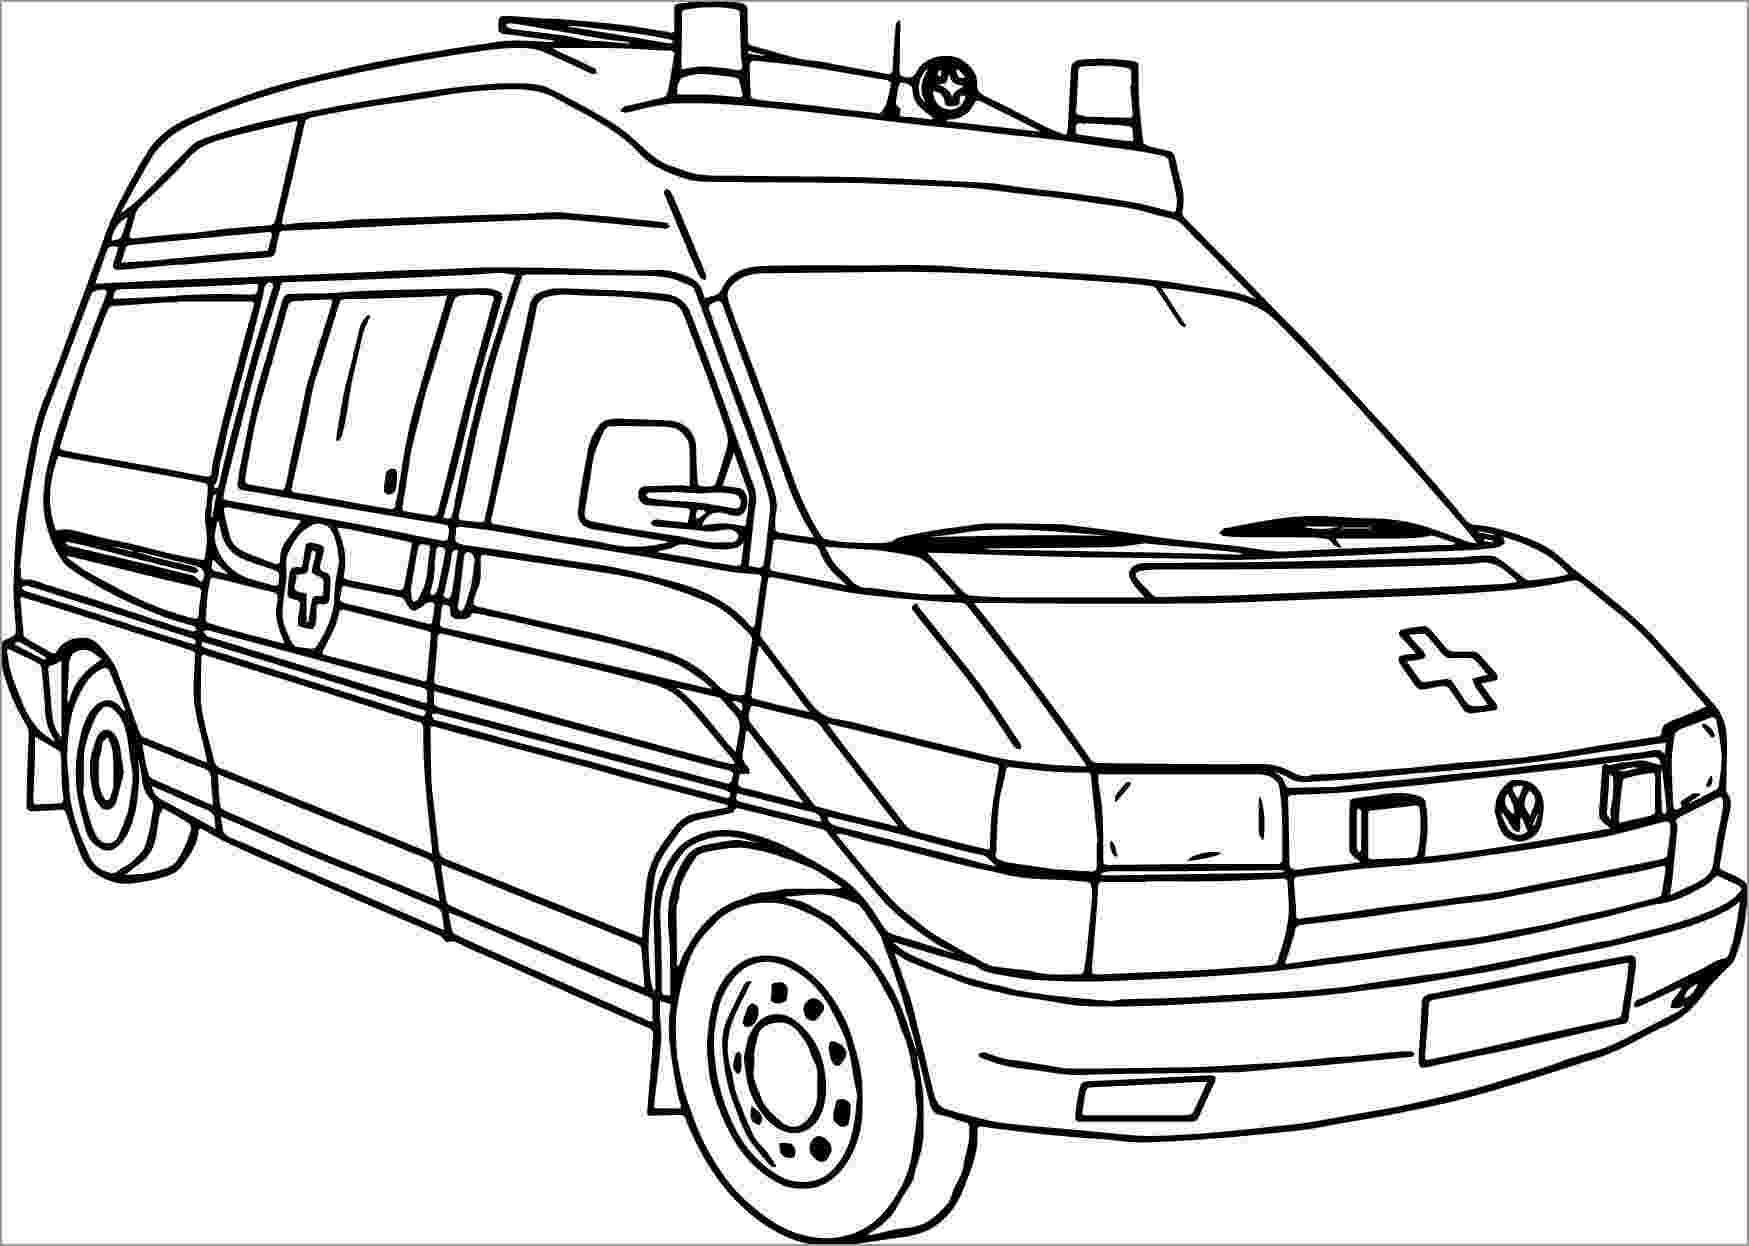 Раскраска Китайская машина скорой помощи